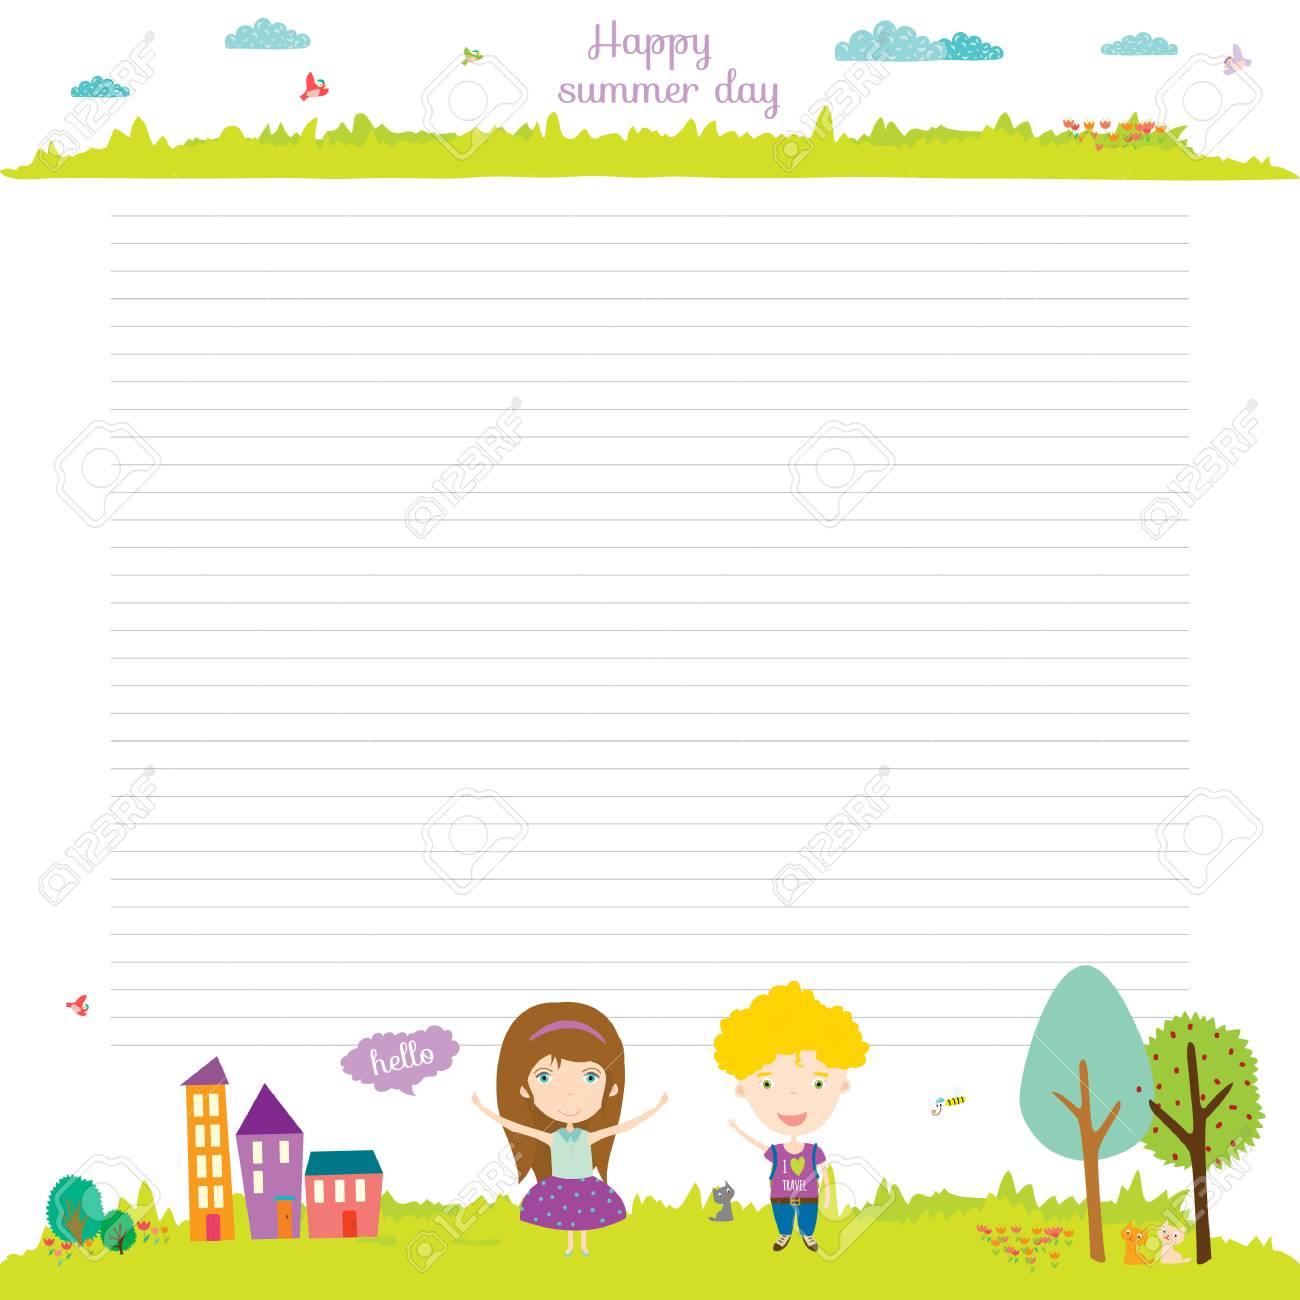 戻る学校デザイン。かわいいと漫画イラスト春、夏、秋の背景。ノート